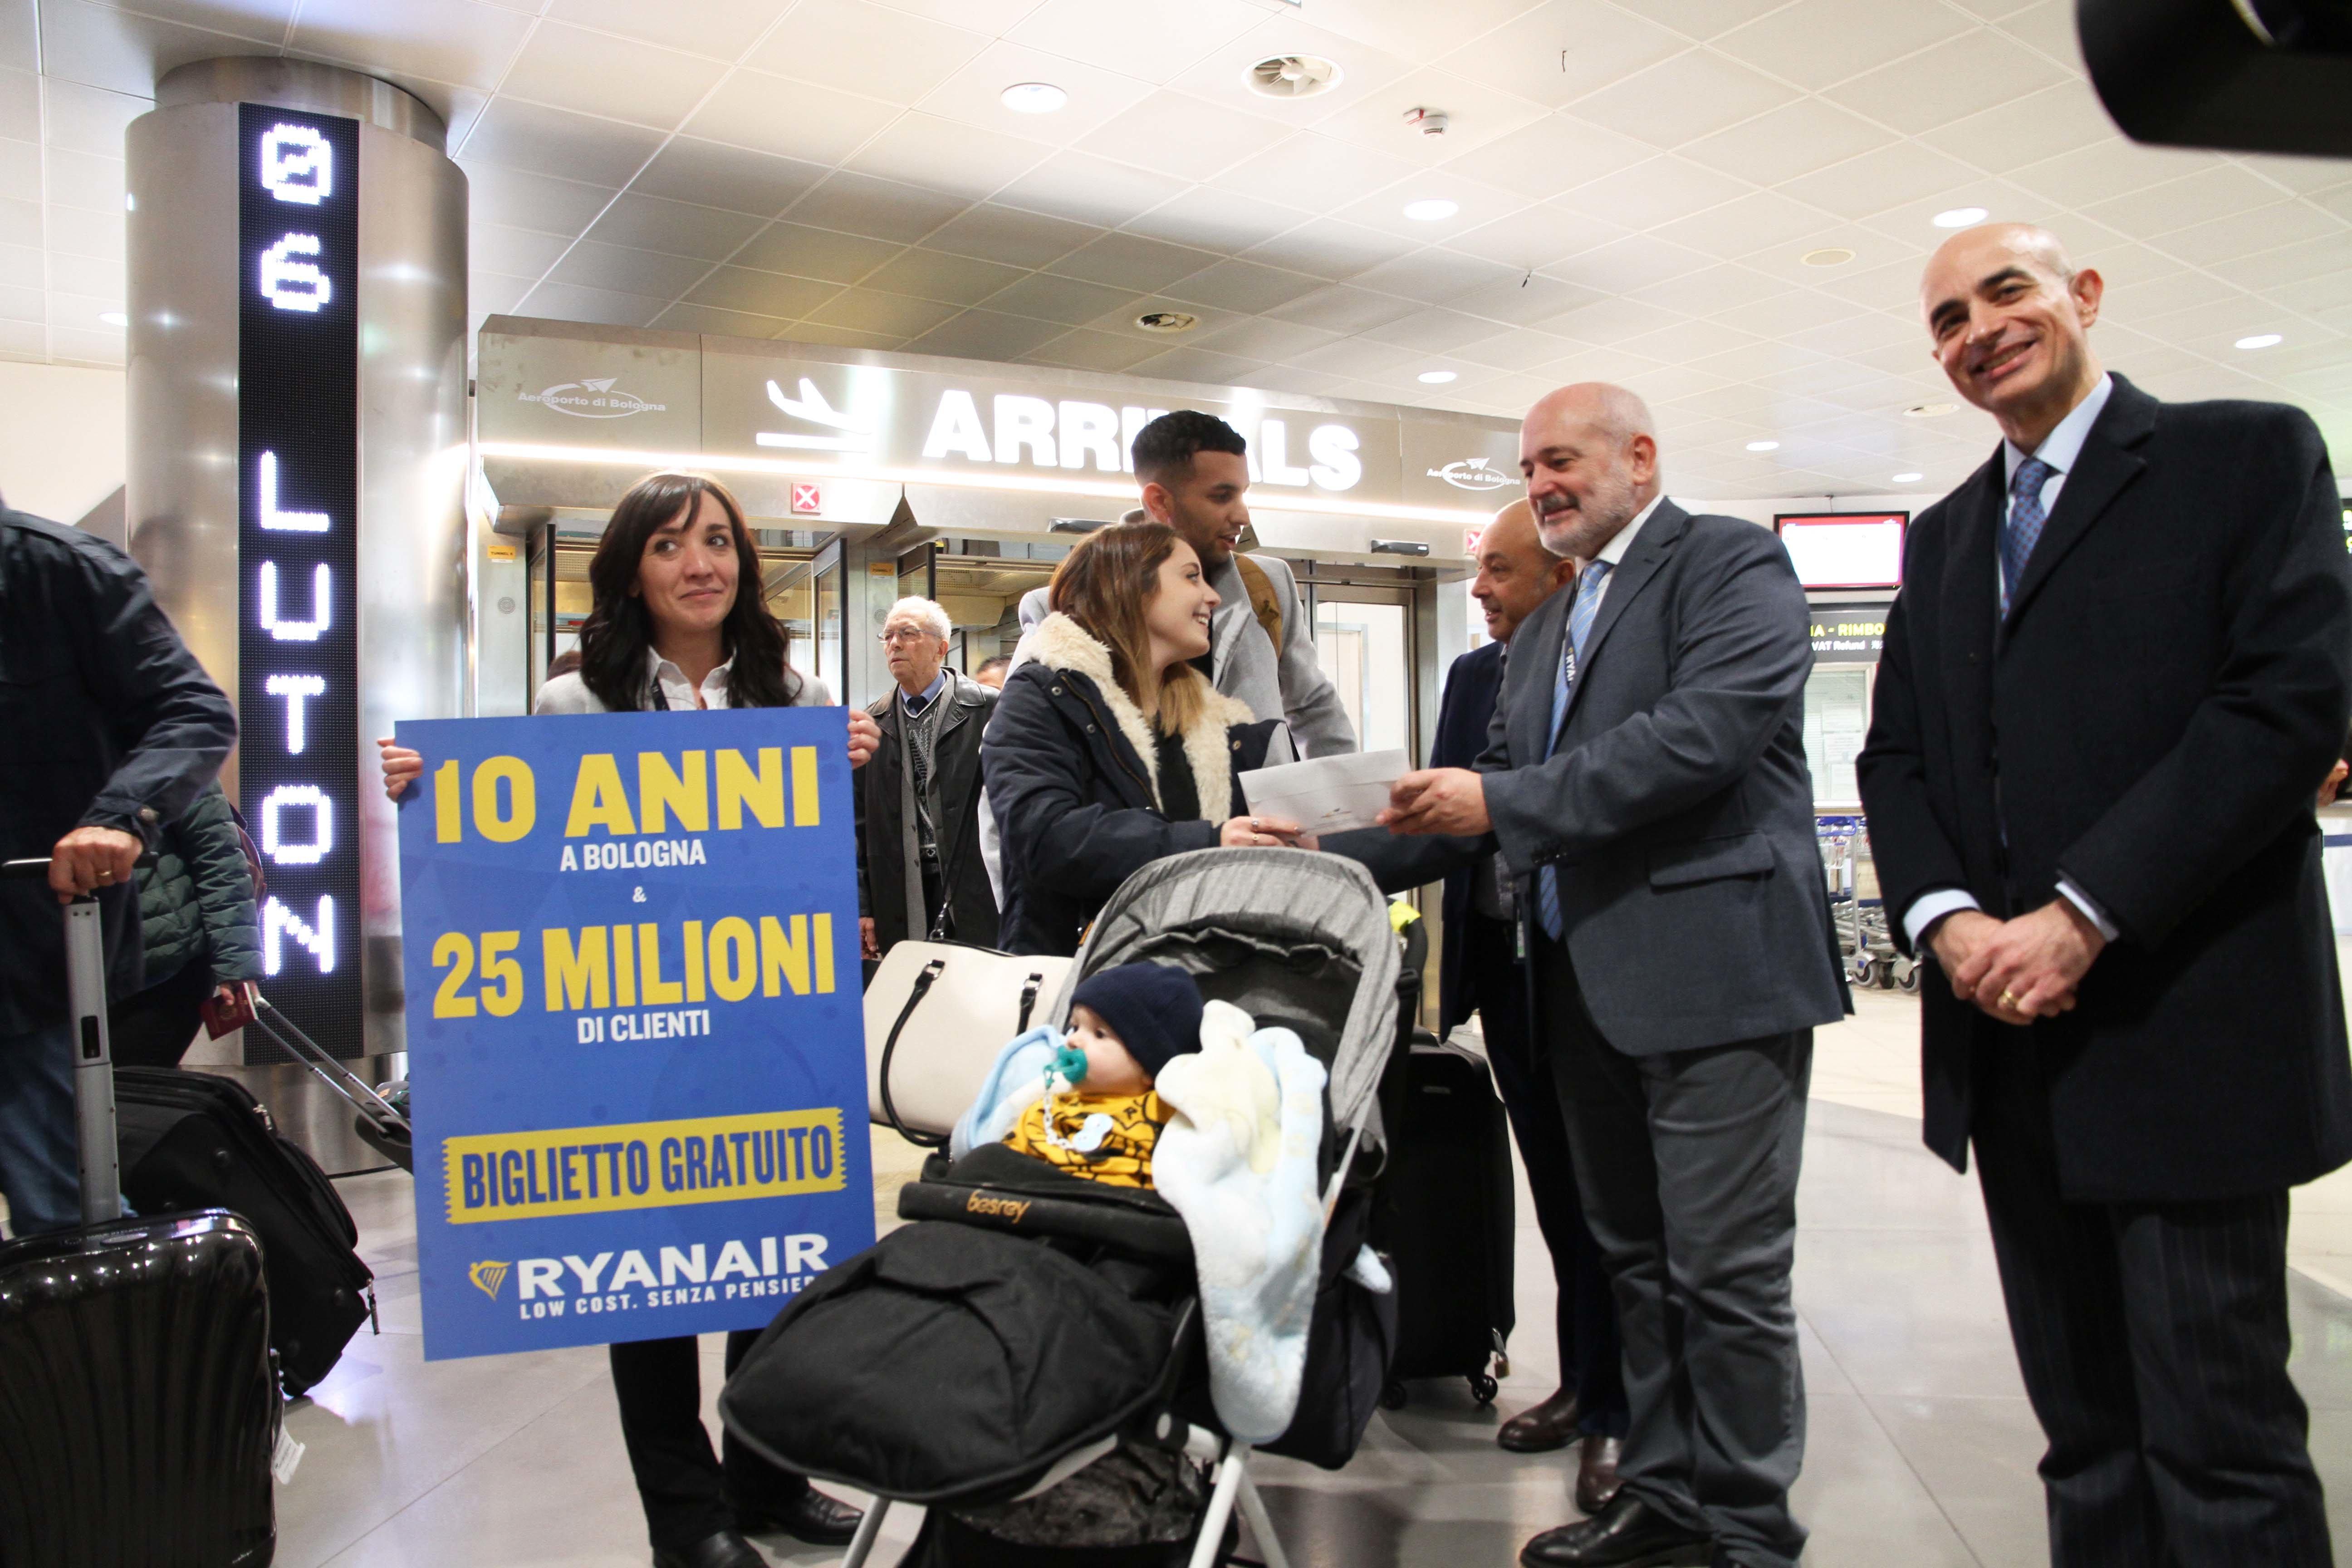 10 anni Ryanair